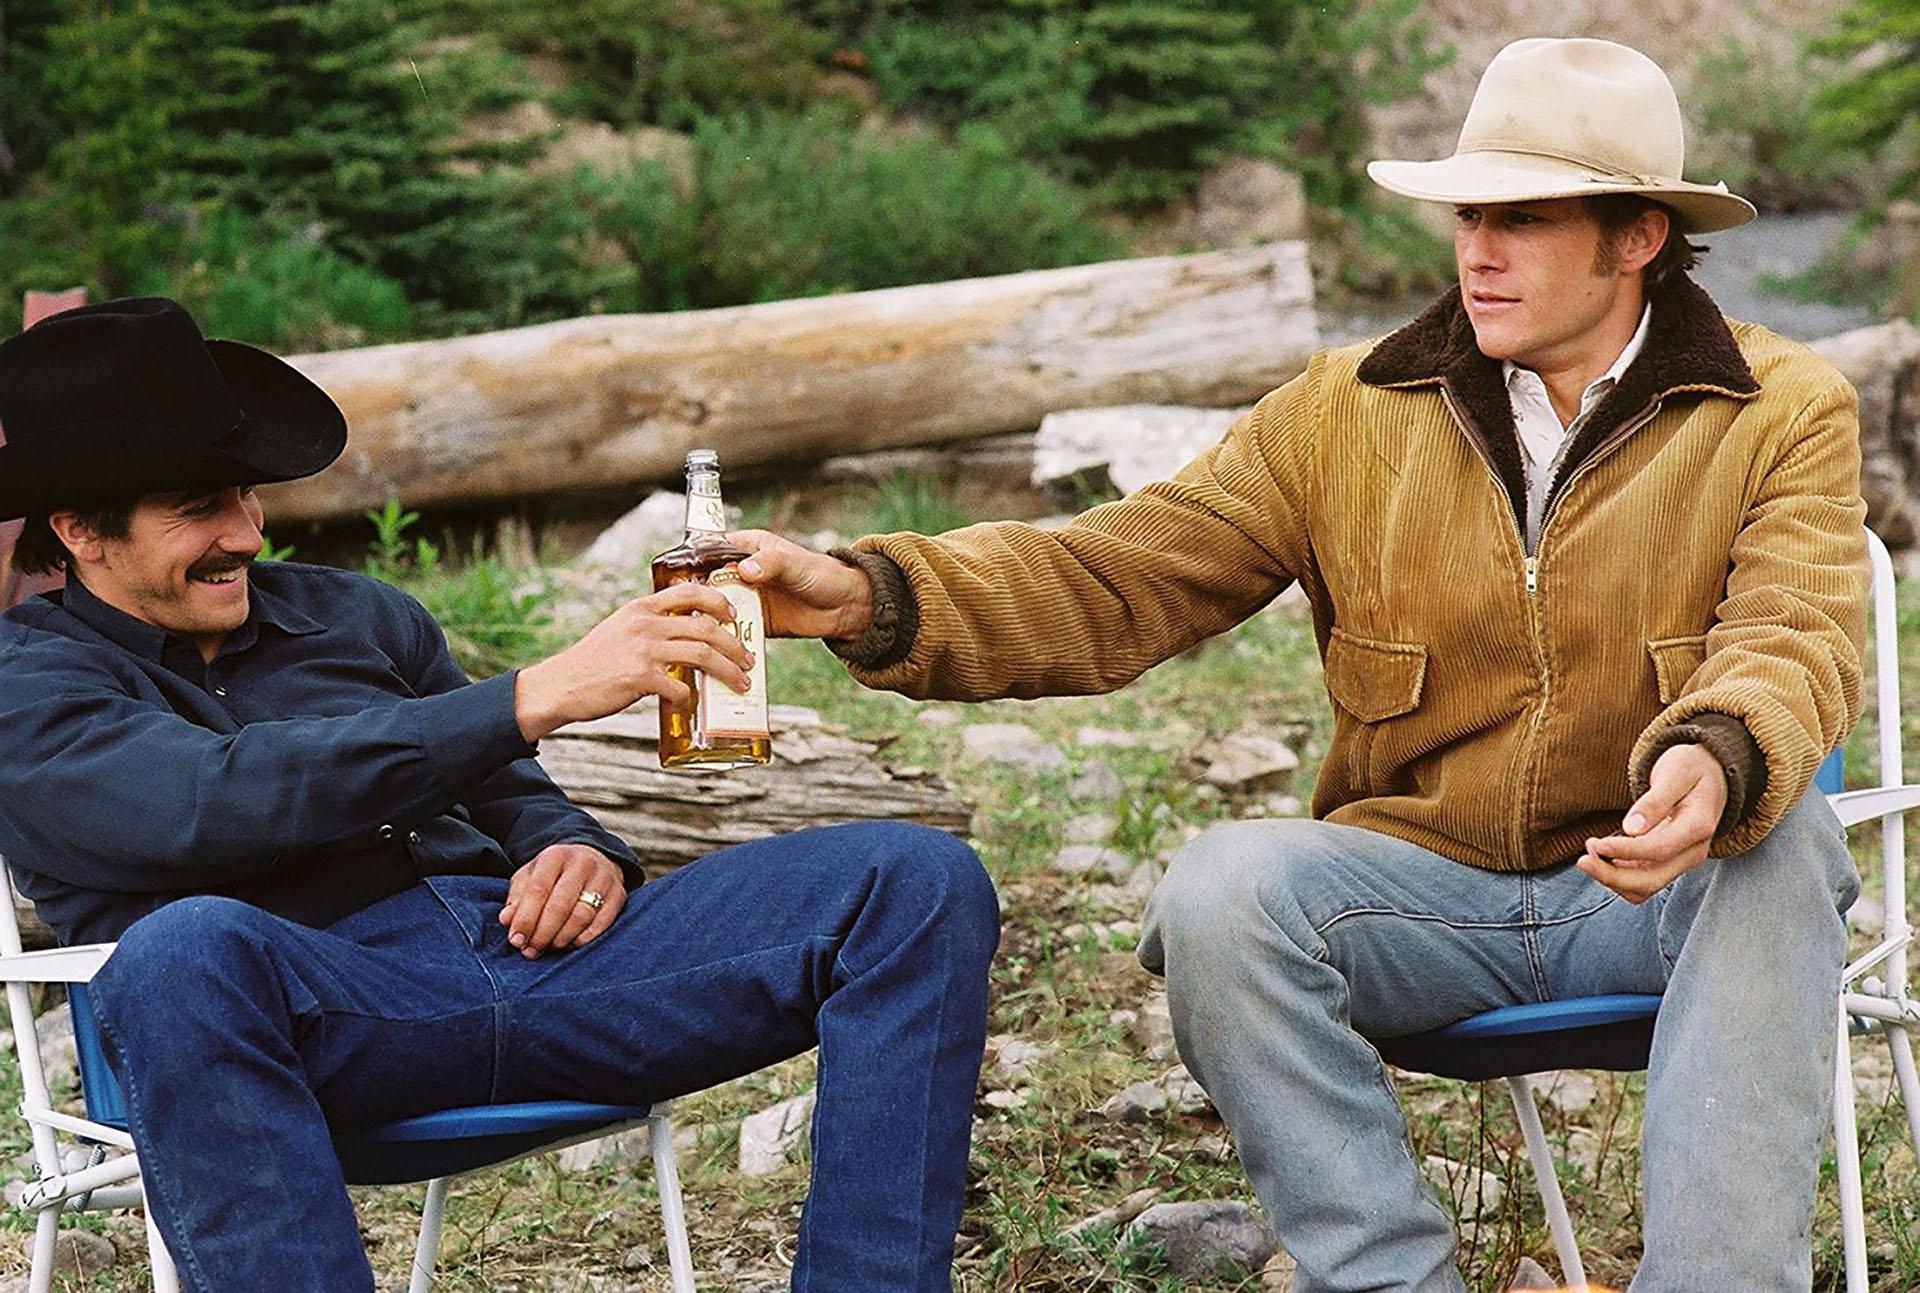 Secreto en la montaña(2006) – 63ª edición.Dirigida por Ang Lee. Ganó 3 Globos de Oro: mejor película dramática, mejor director y mejor guión